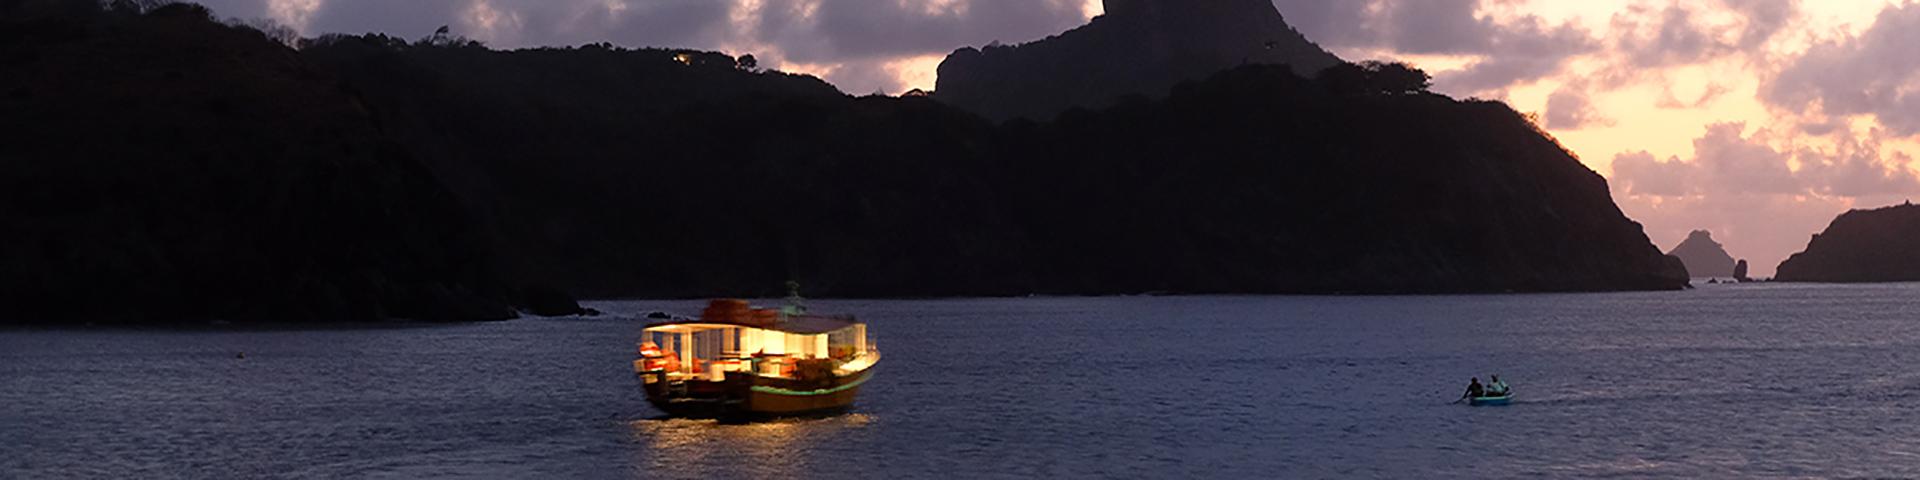 entardecer-vip-de-barco-Bonitour-Passeios-em-Fernando-Noronha-1327723_5985.jpg